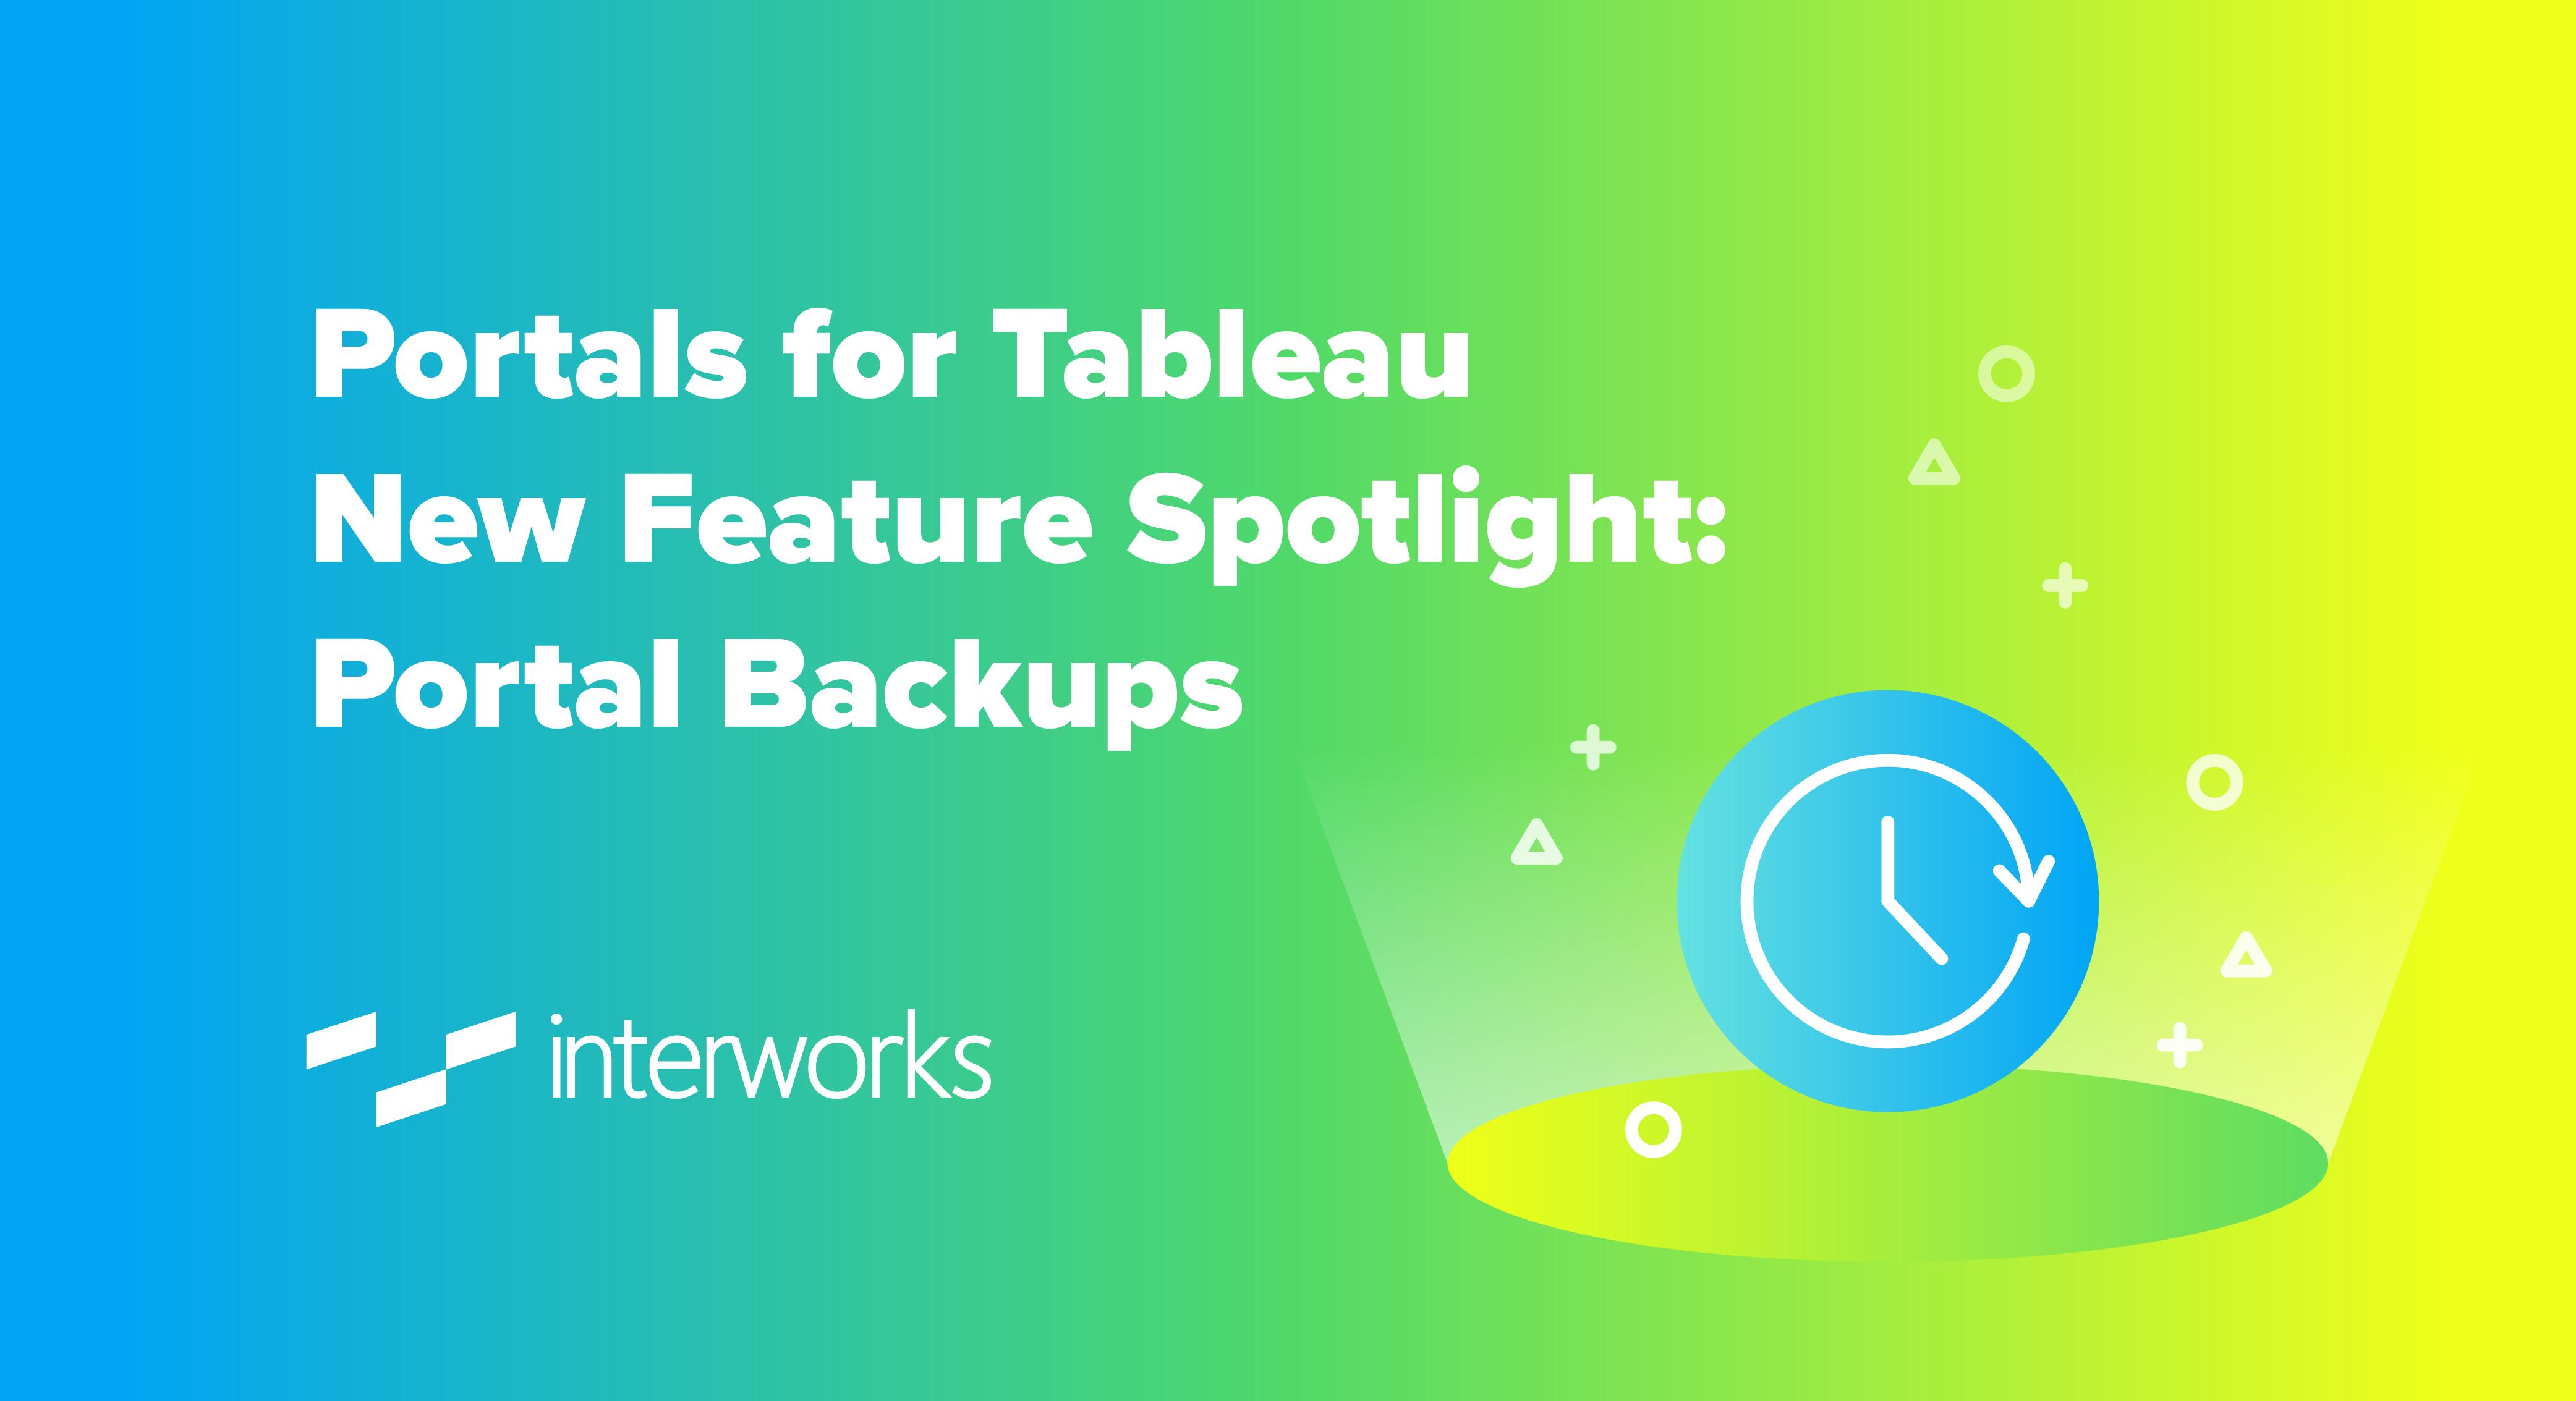 Portals for Tableau New Feature Spotlight: Portal Backups